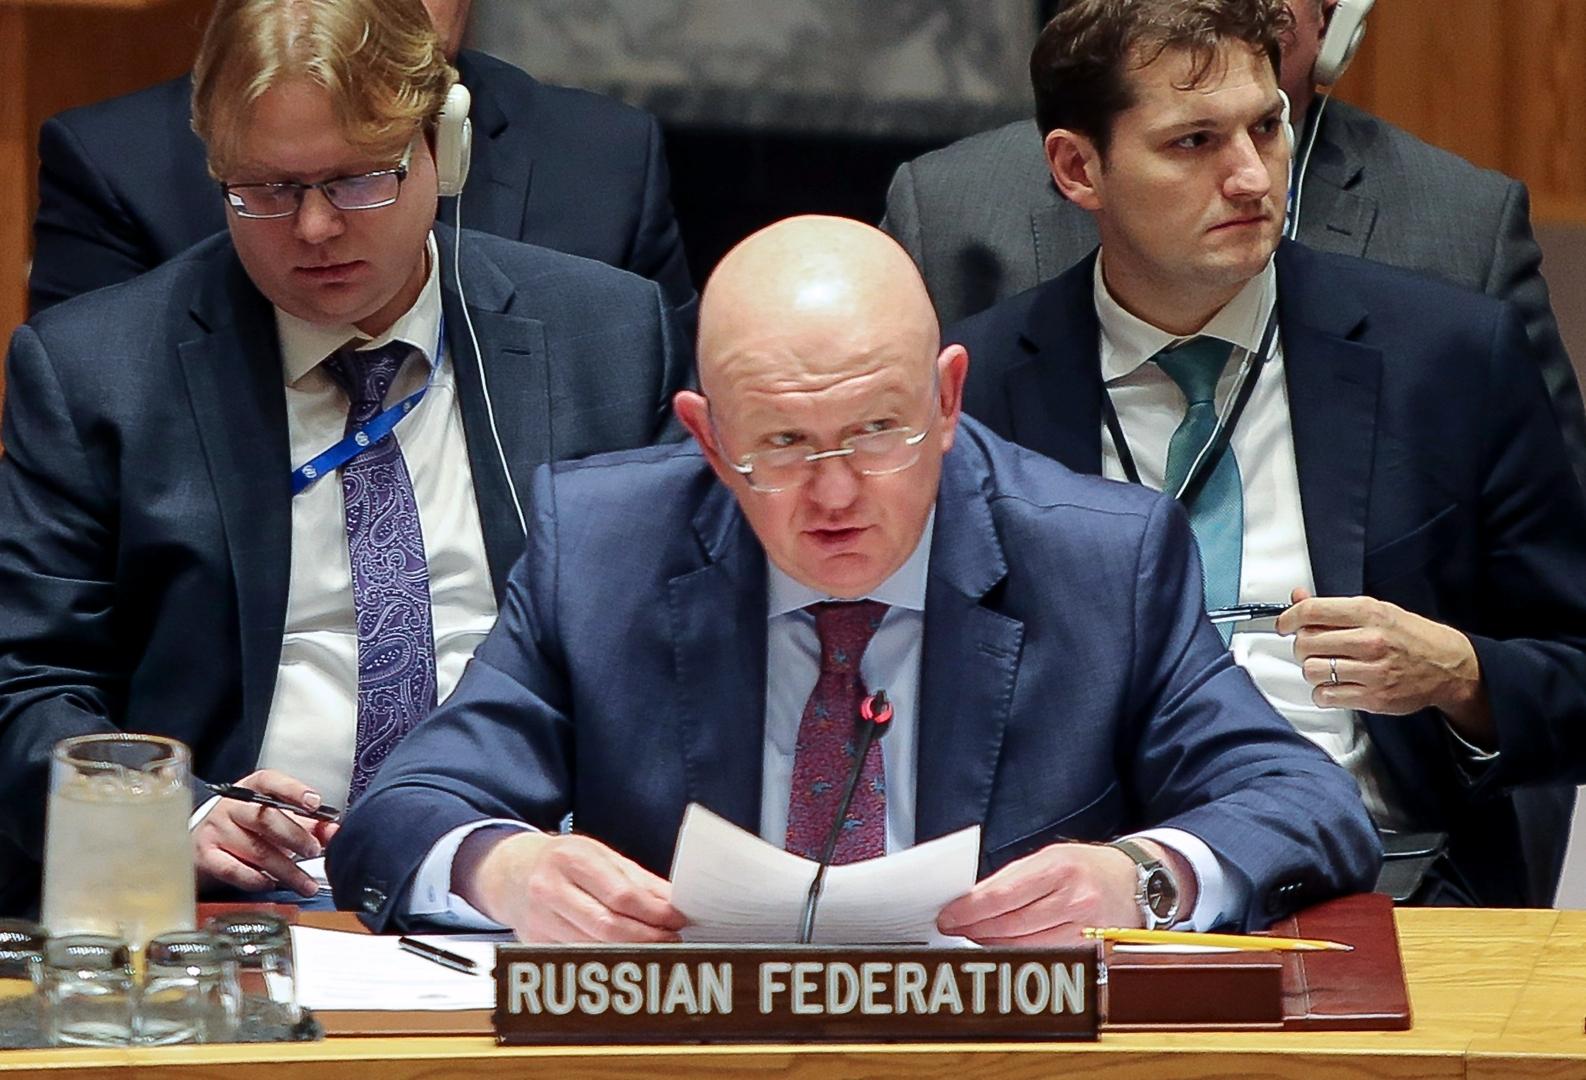 روسيا تعلق على اعتراف ترامب بتفكيره في اغتيال الأسد